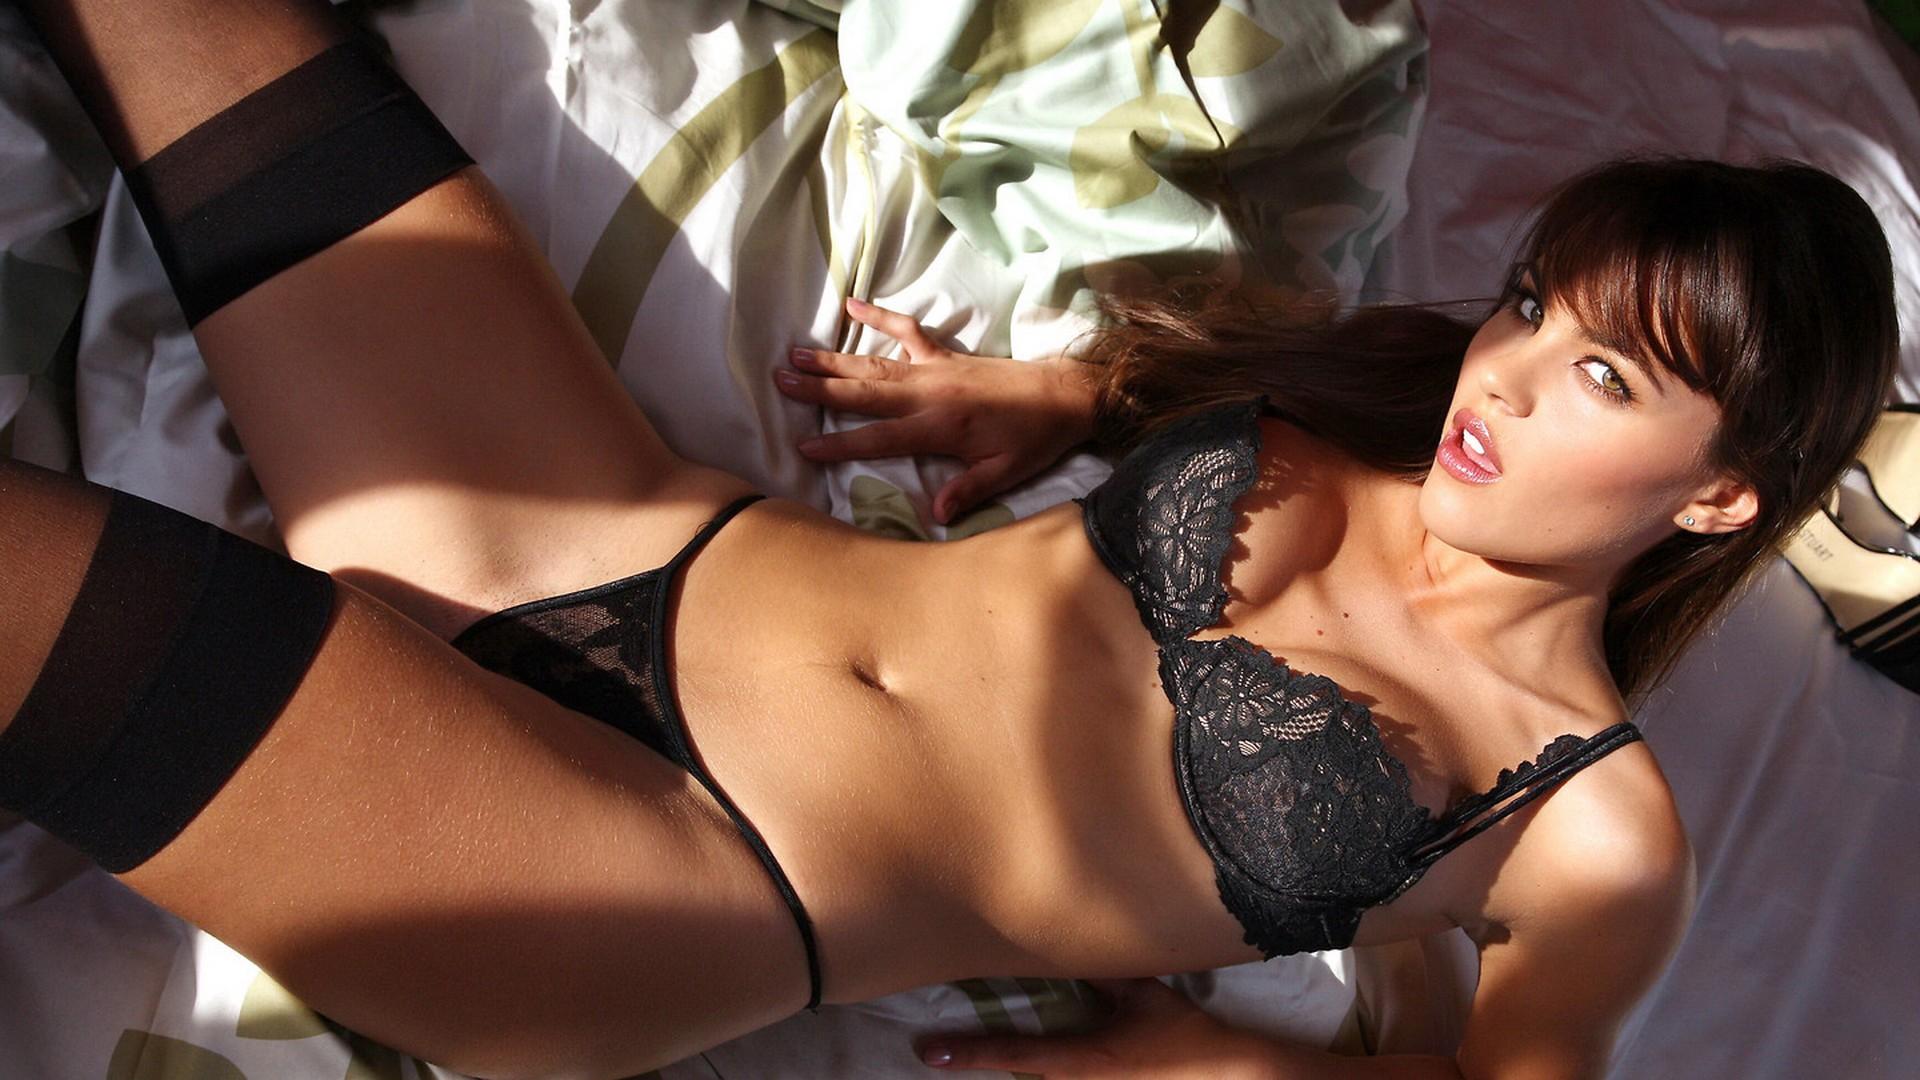 Бибигуль кушчугaловa порно видео